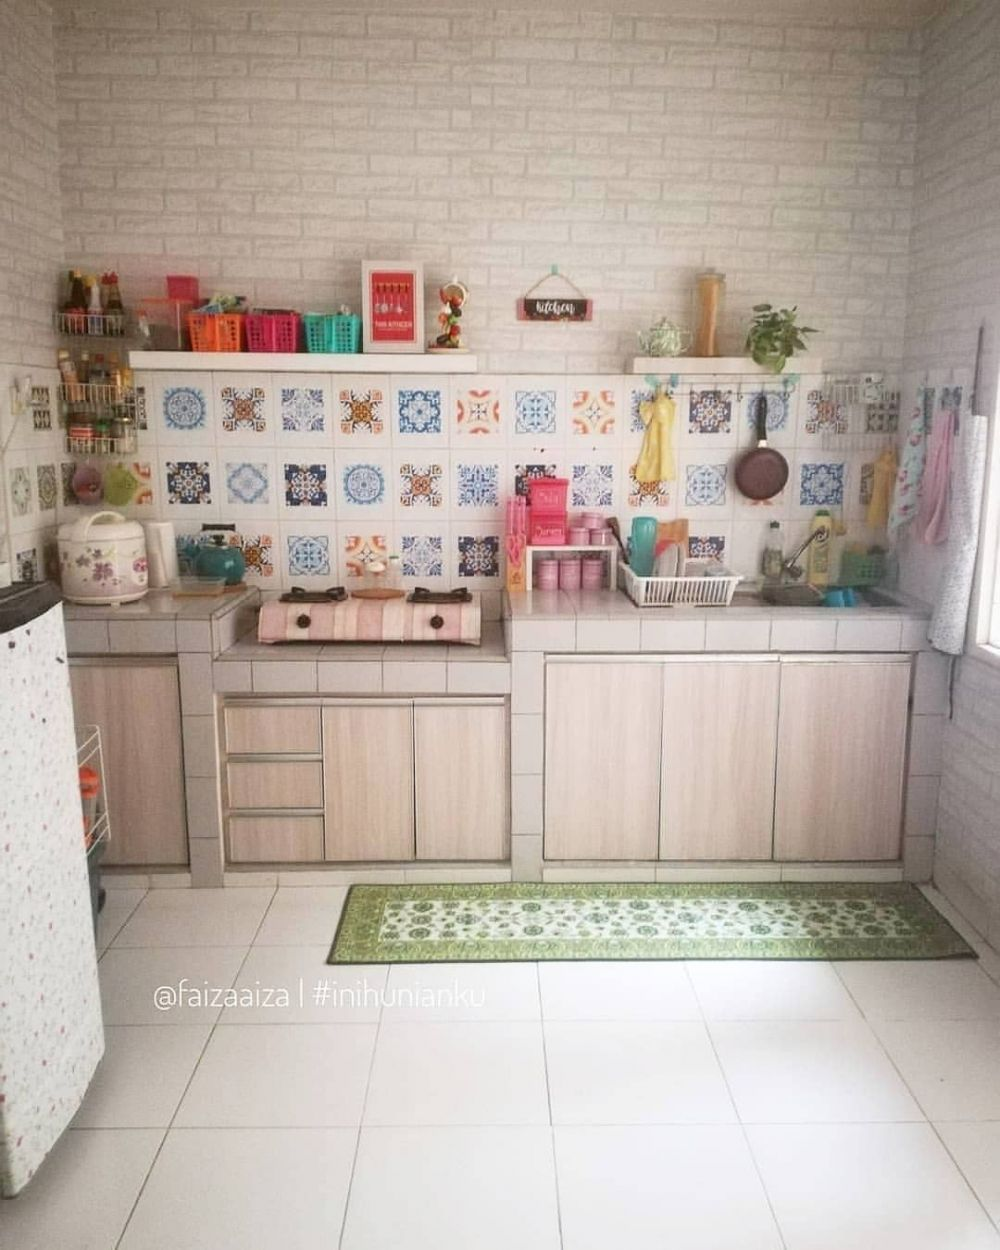 Dekorasi Dapur Hijau Merah Cek Bahan Bangunan